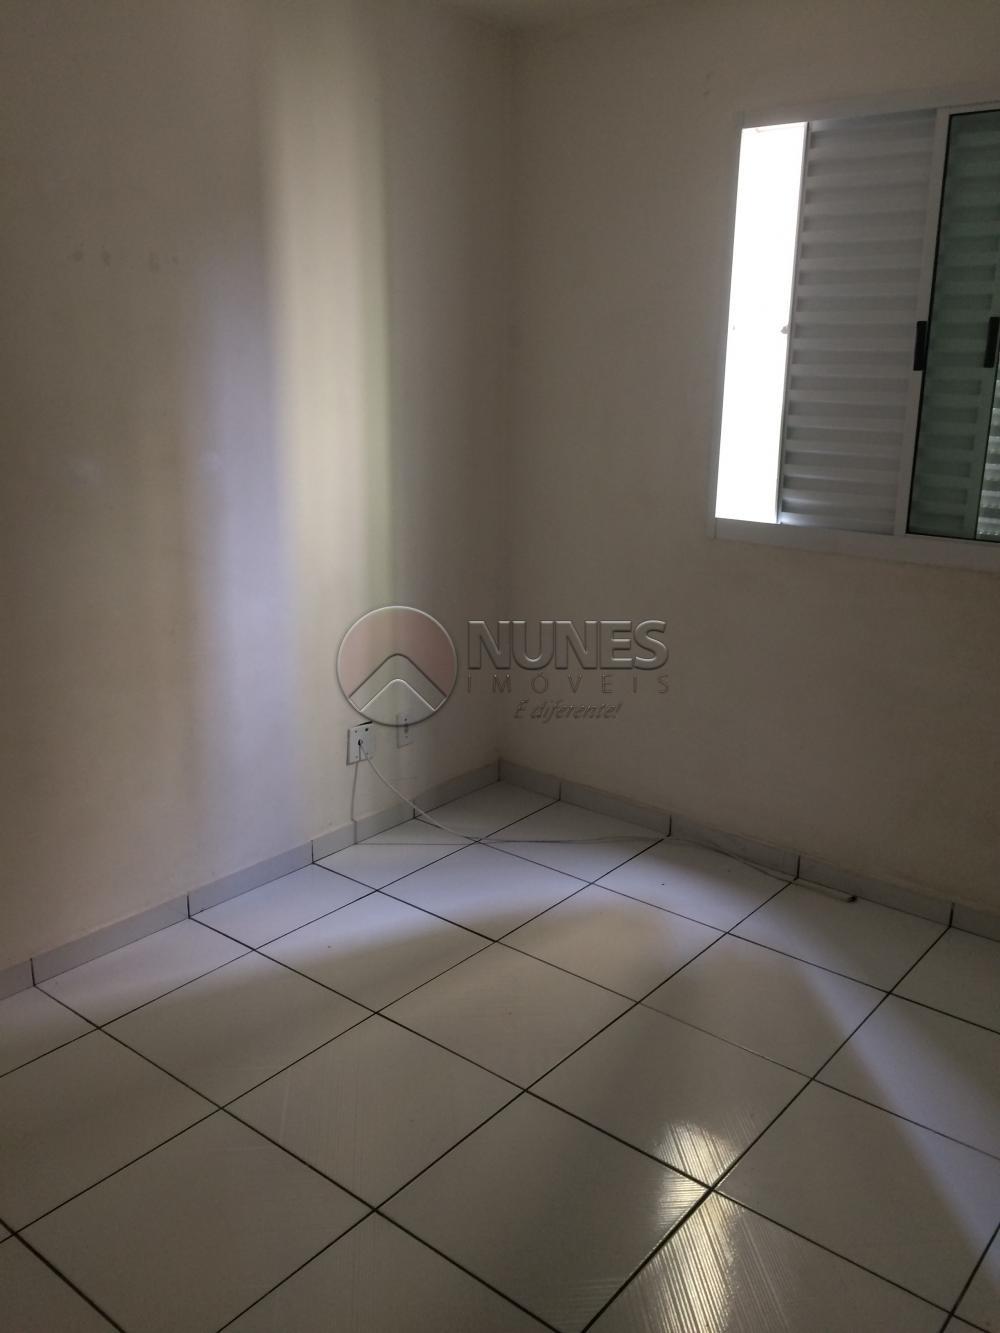 Comprar Apartamento / Padrão em Osasco apenas R$ 120.000,00 - Foto 8